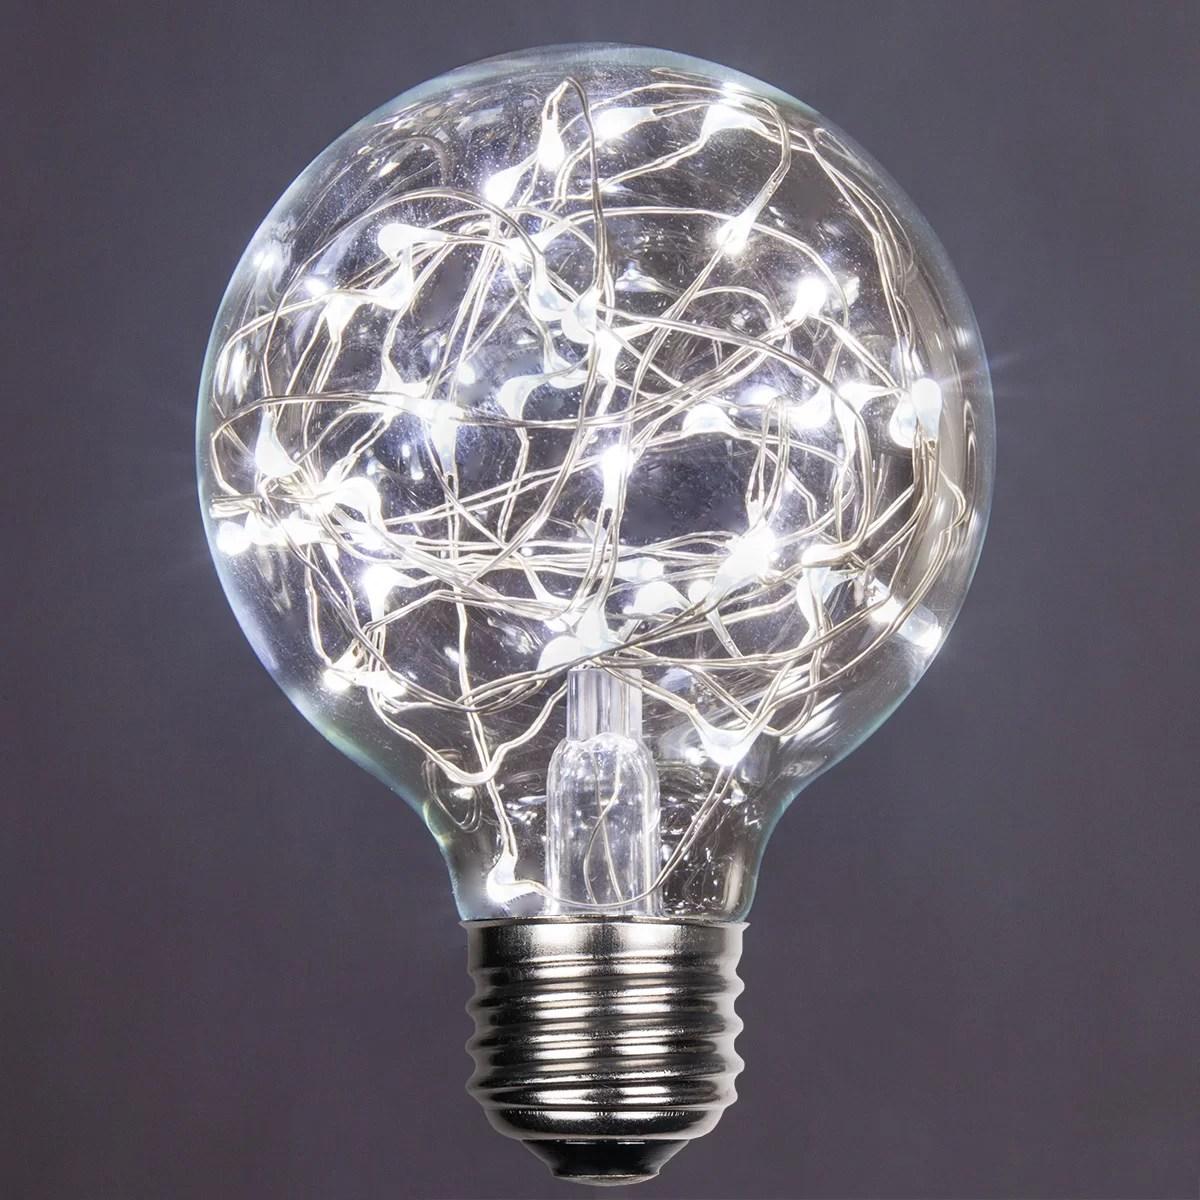 Wintergreen Lighting 25 Watt Equivalent G80 Led Non Dimmable Light Bulb Cool White 7000k E26 Medium Standard Base Wayfair